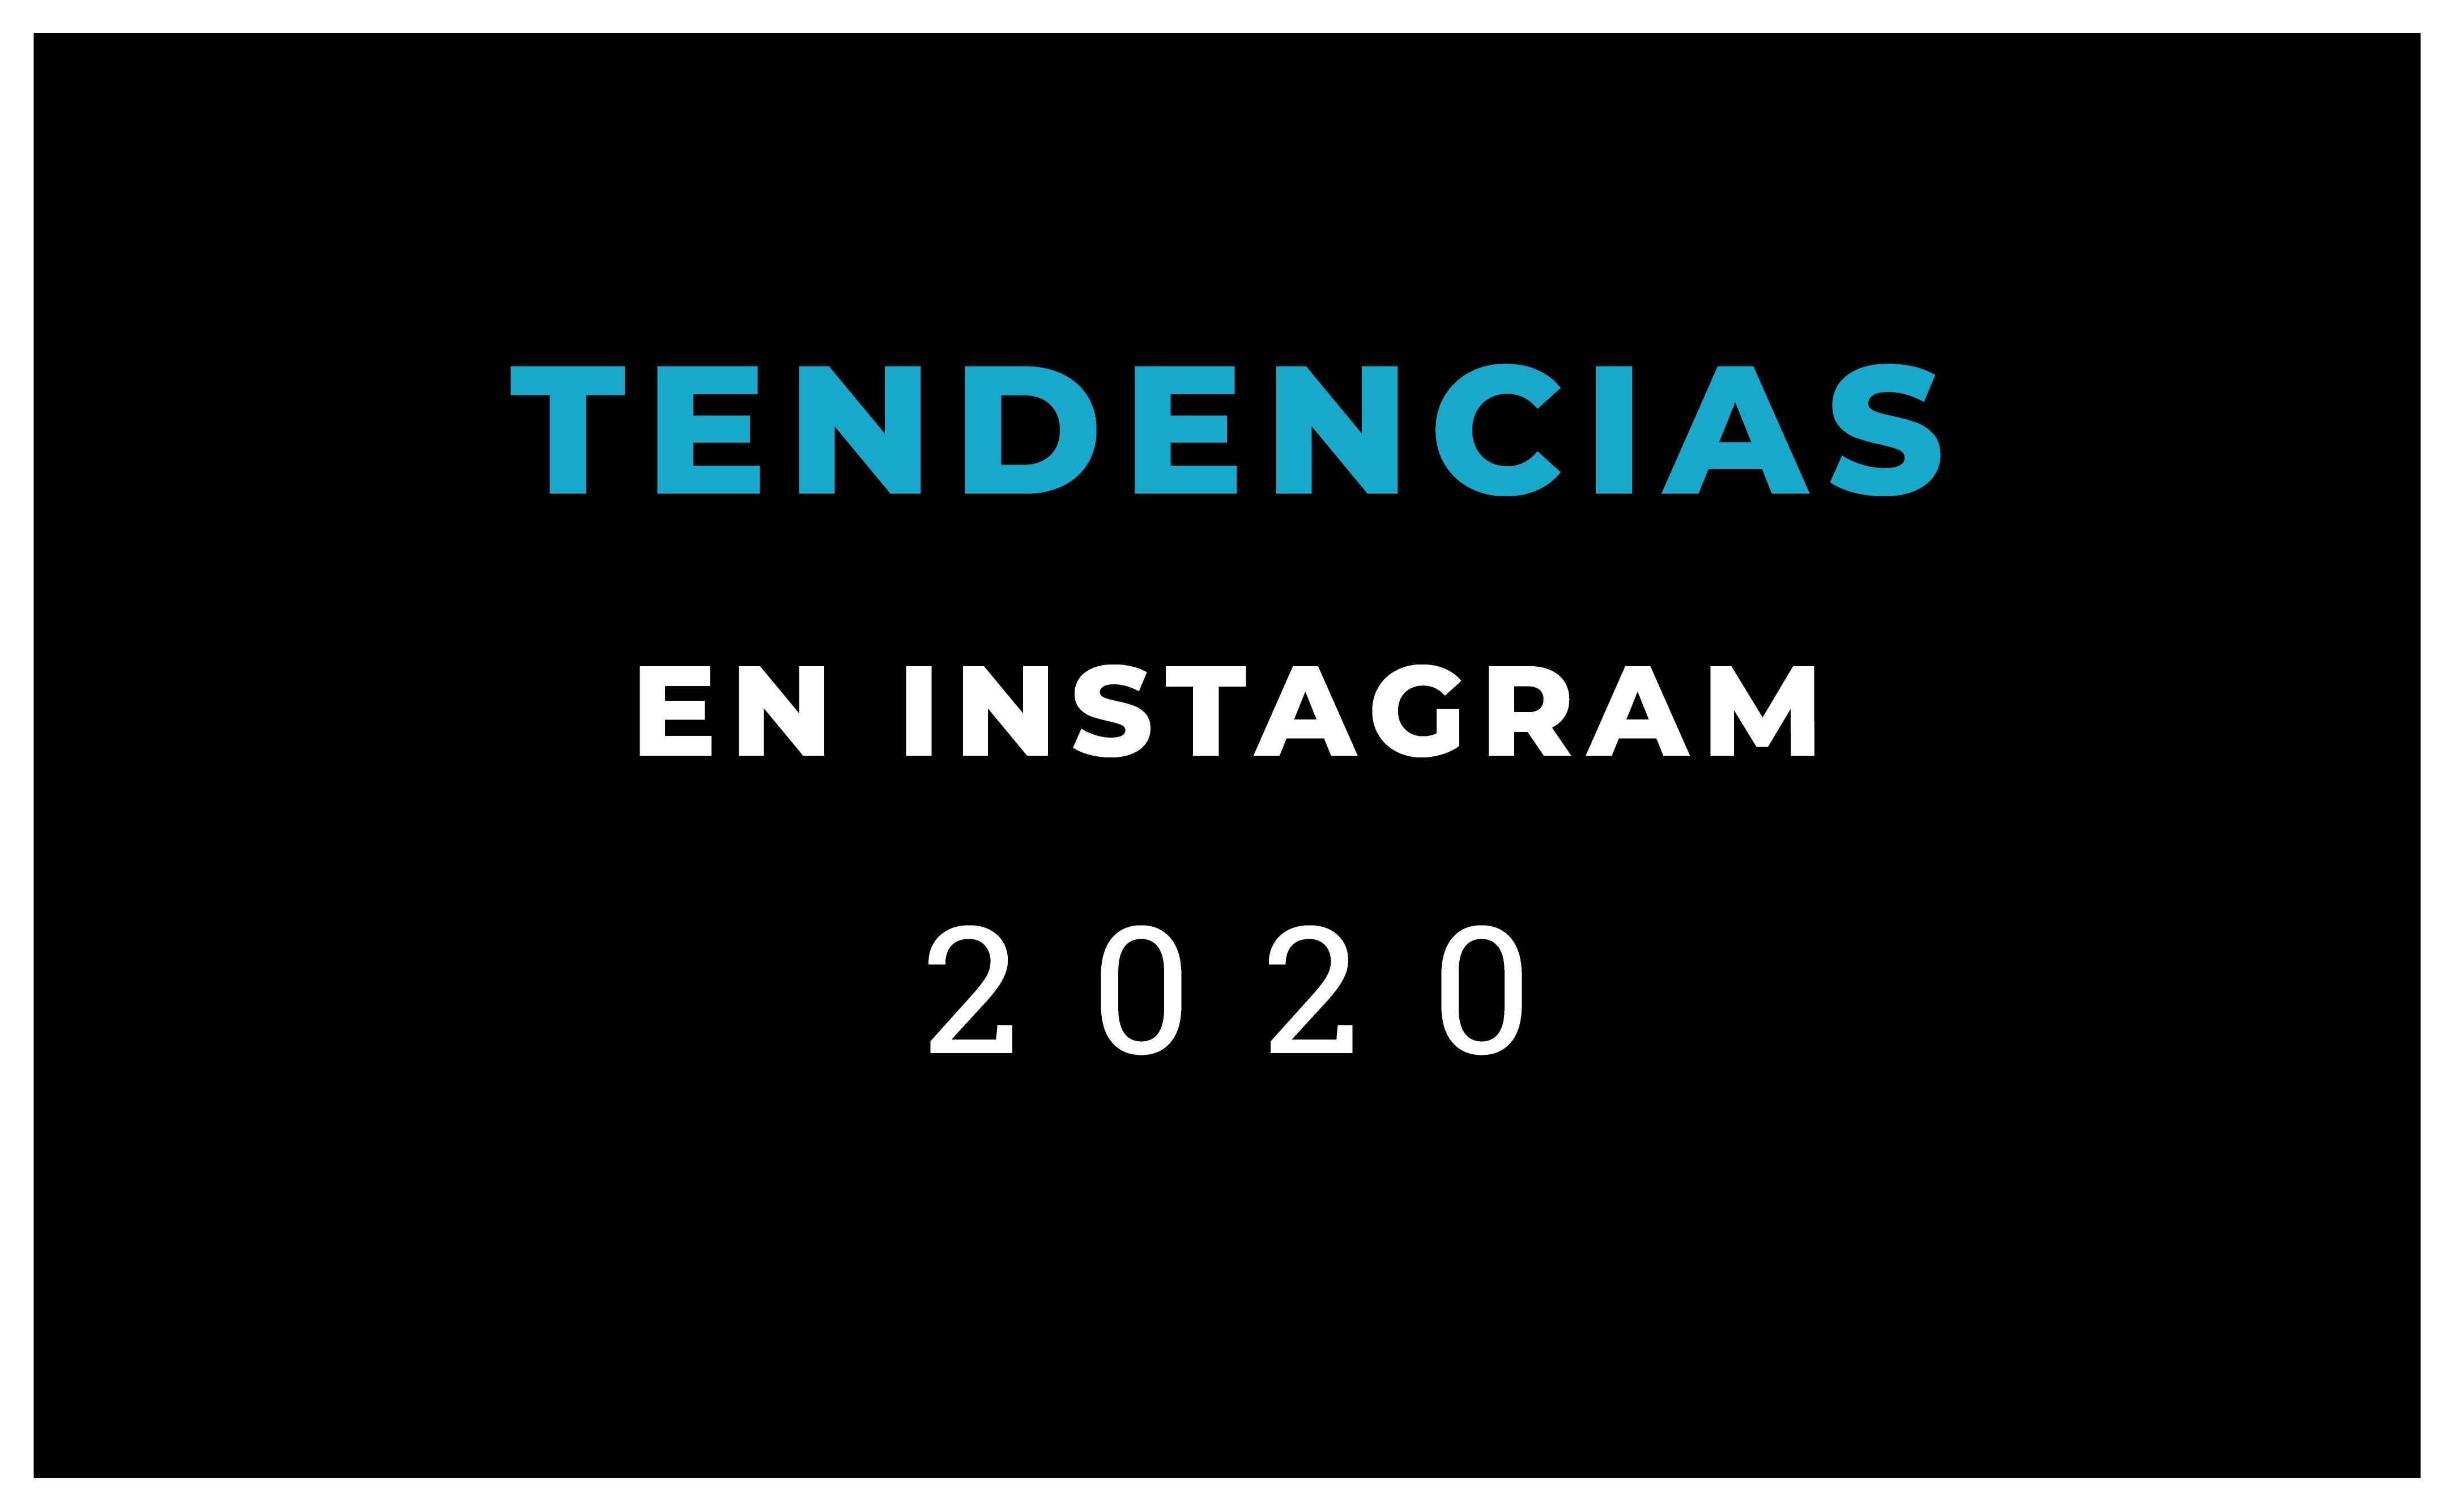 ¿Cuáles son las tendencias en Instagram en 2020?